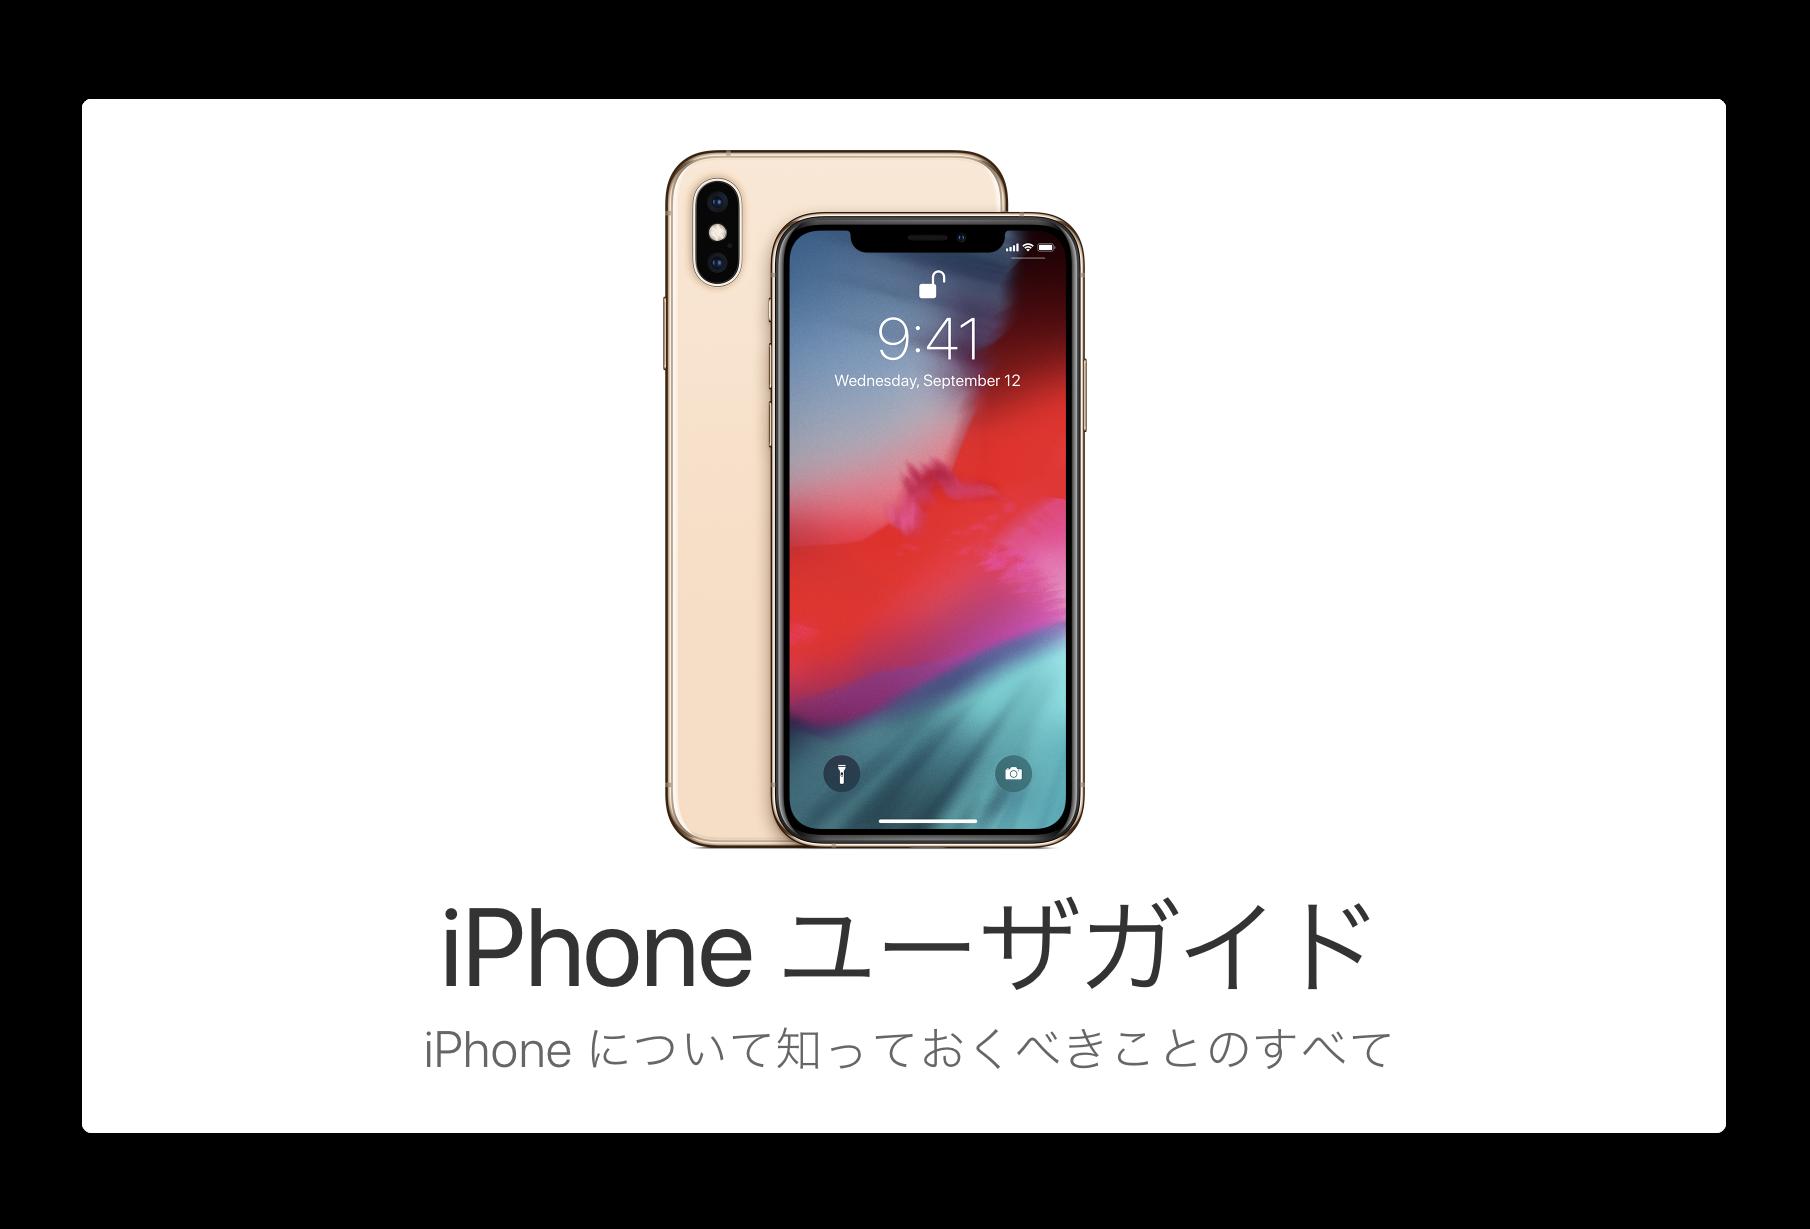 iPhone XS Maxのビデオ品質は、iPhone Xを目に見えてわかるほどアップグレードされたことがわかるビデオ